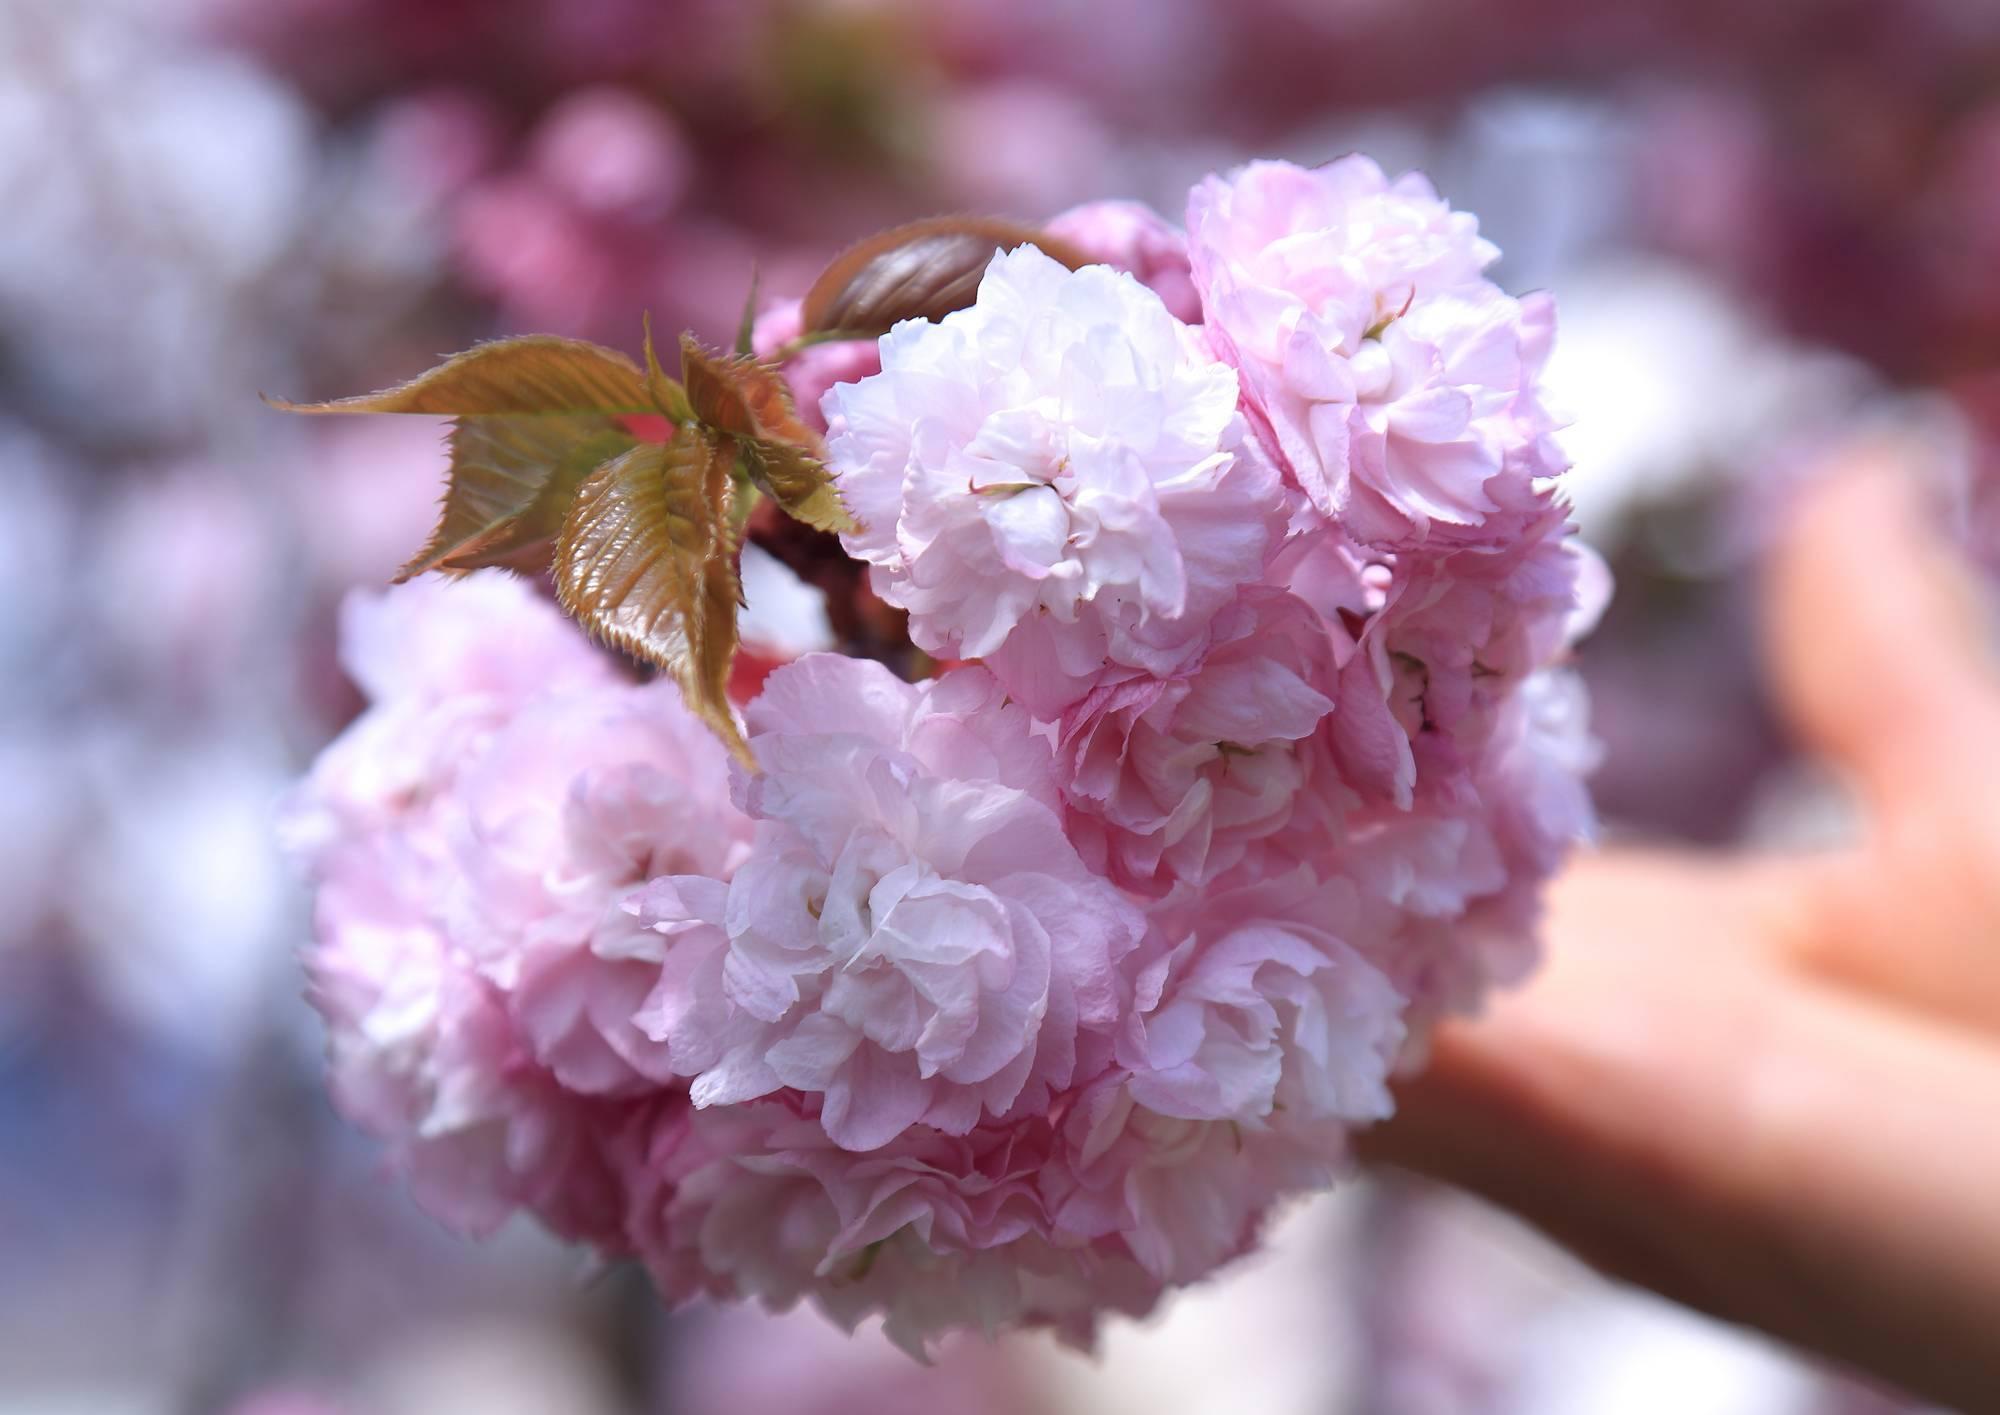 造幣局広島支局 ~花のまわりみち~ 八重桜イン広島 そのⅡ_a0140608_07274792.jpg